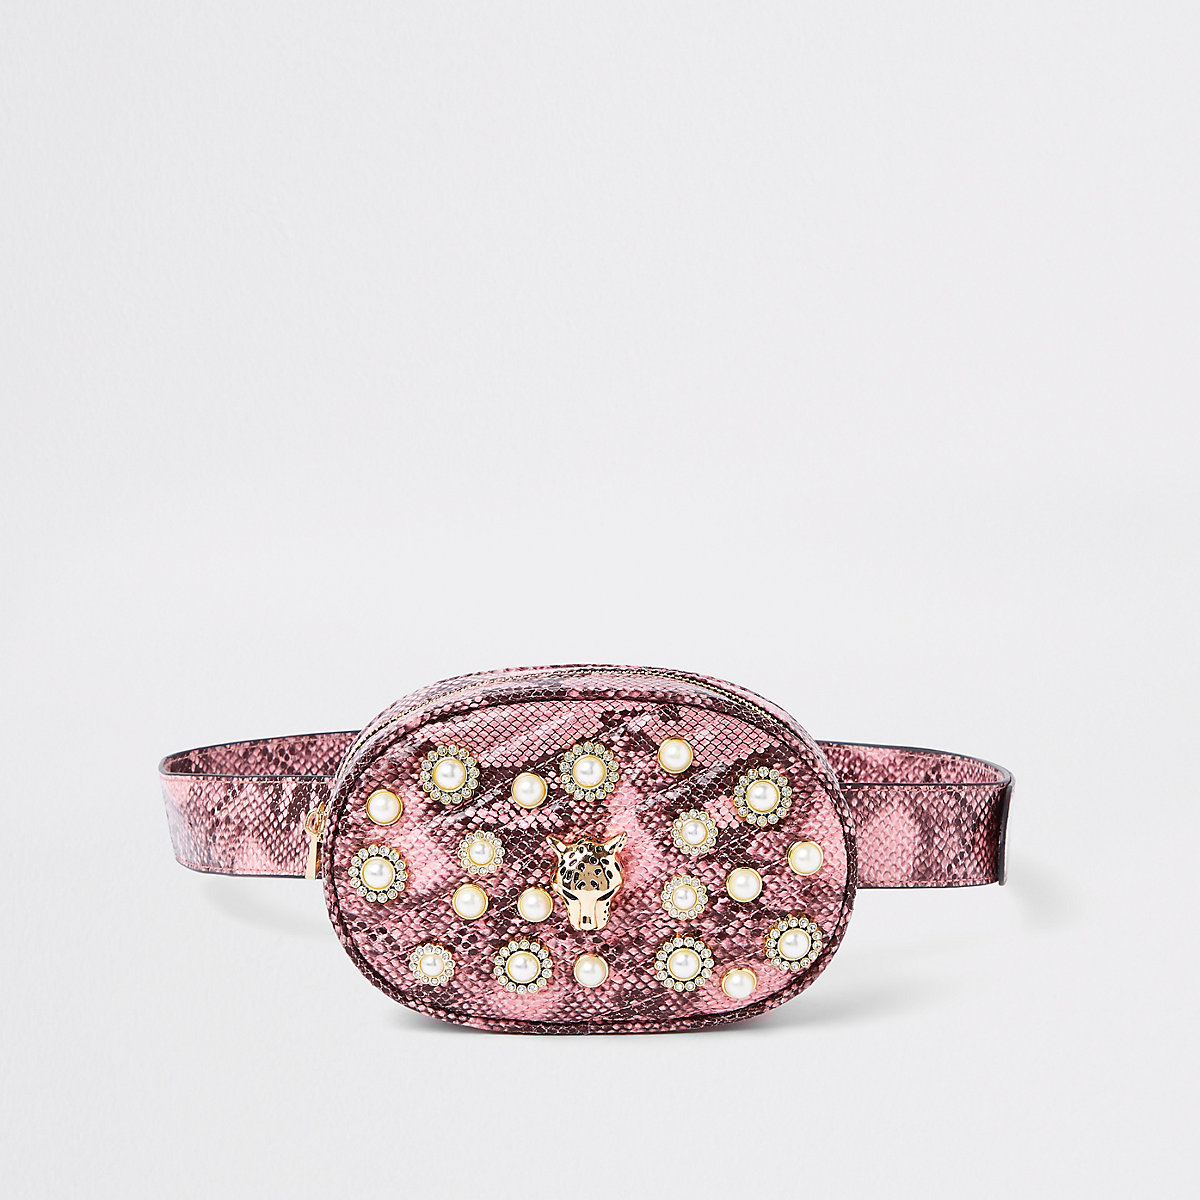 Pink snake print embellished belt bum bag